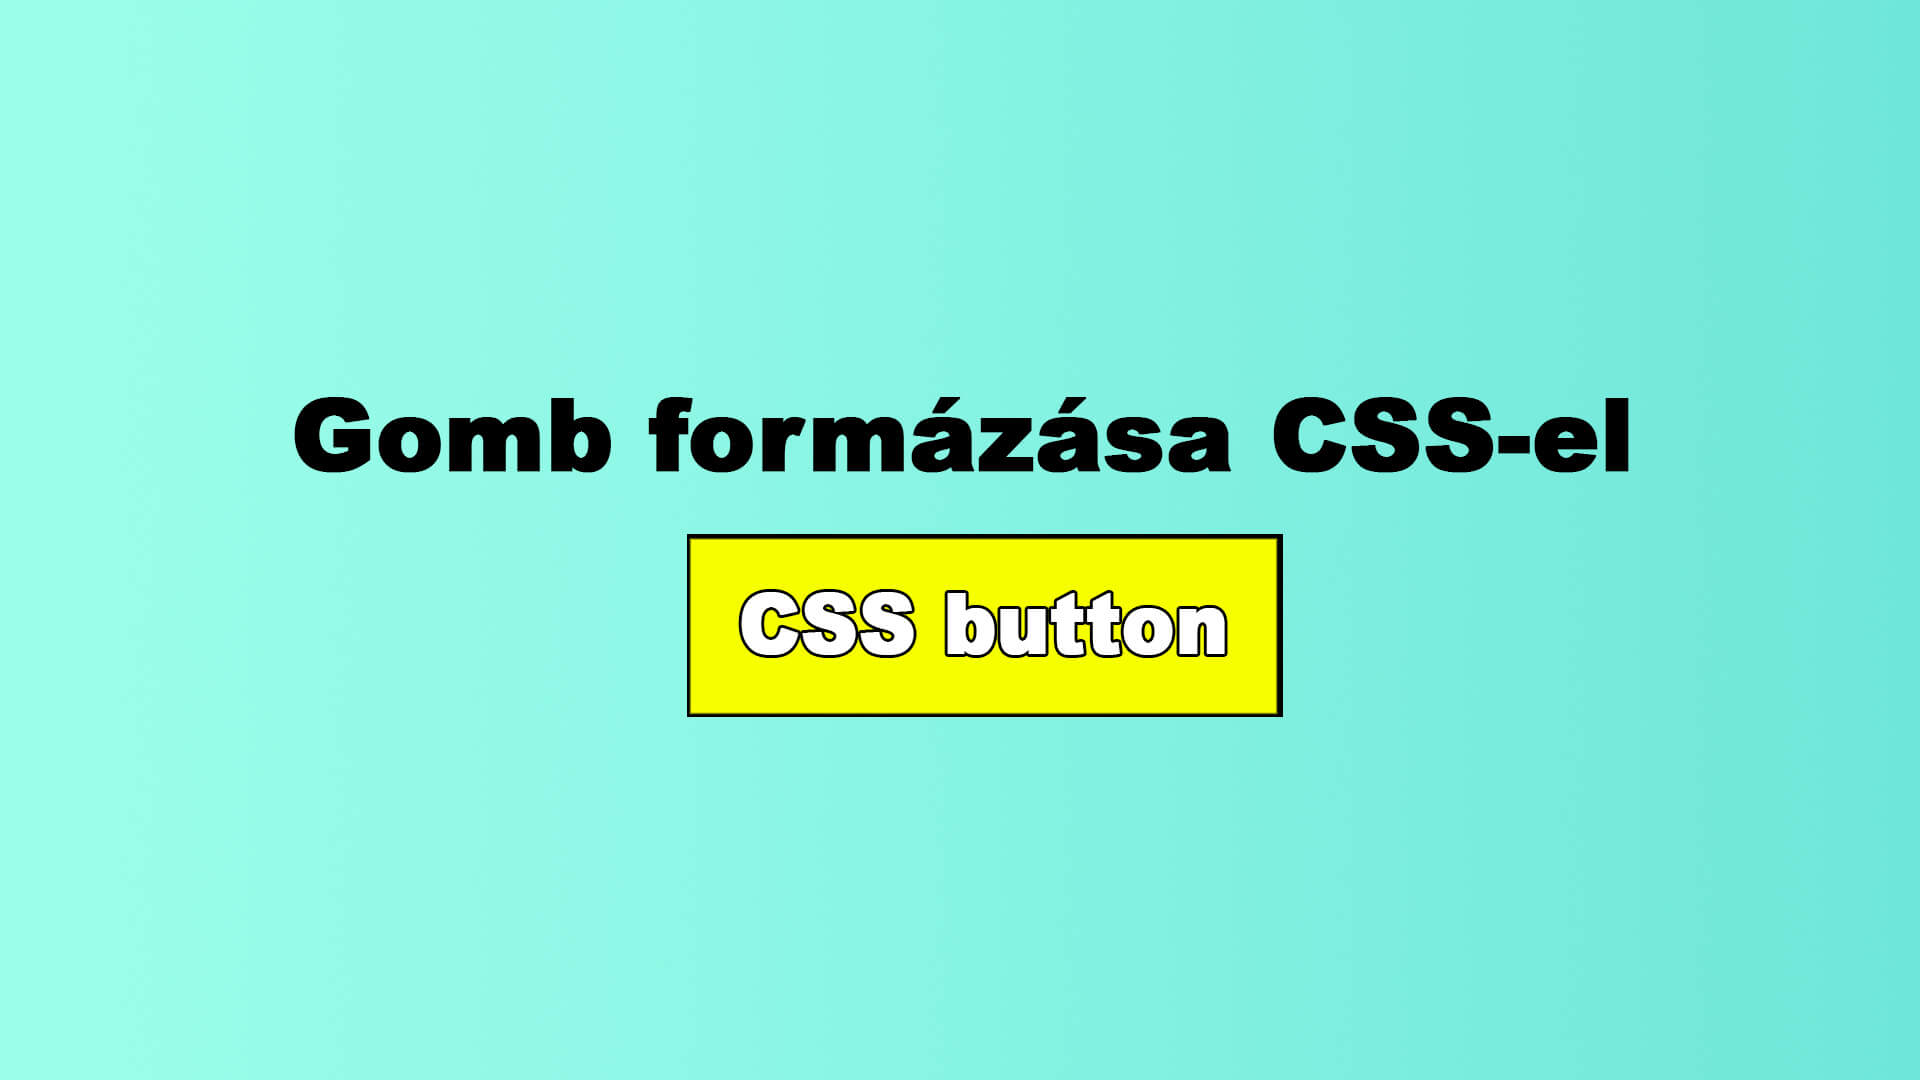 Gomb formázása CSS-el (CSS button) című cikk nyitóképe